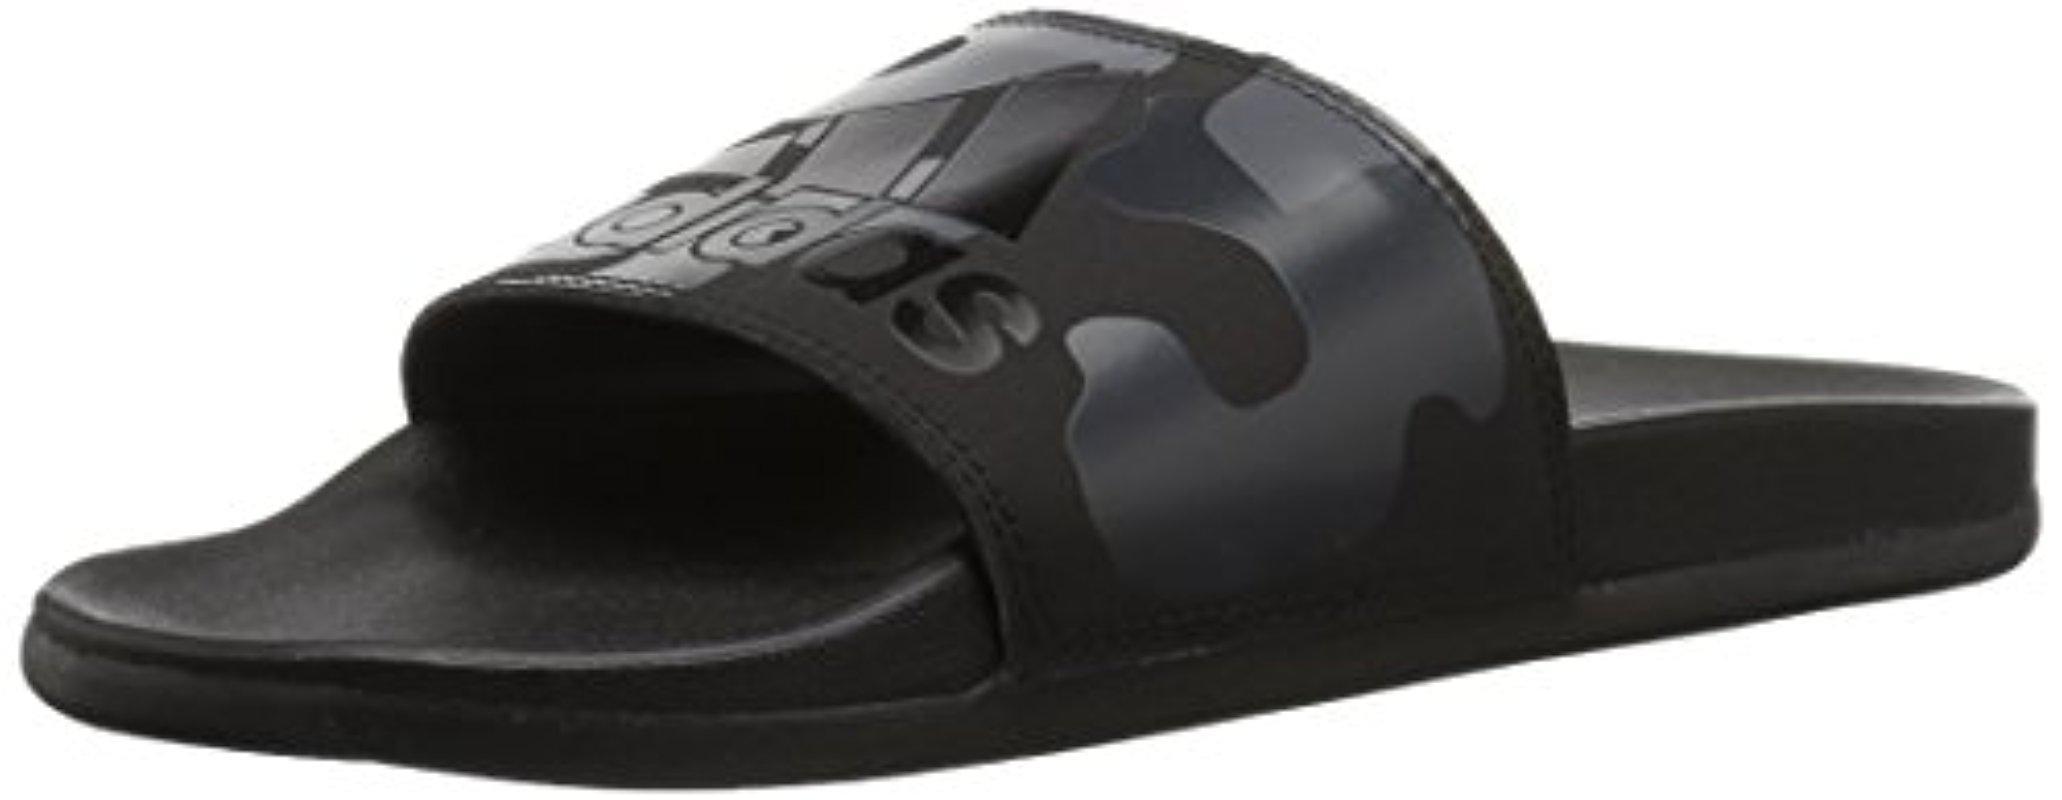 6d135578855b1d Lyst - adidas Adilette Cf+ Link Gr Slide Sandal in Black for Men